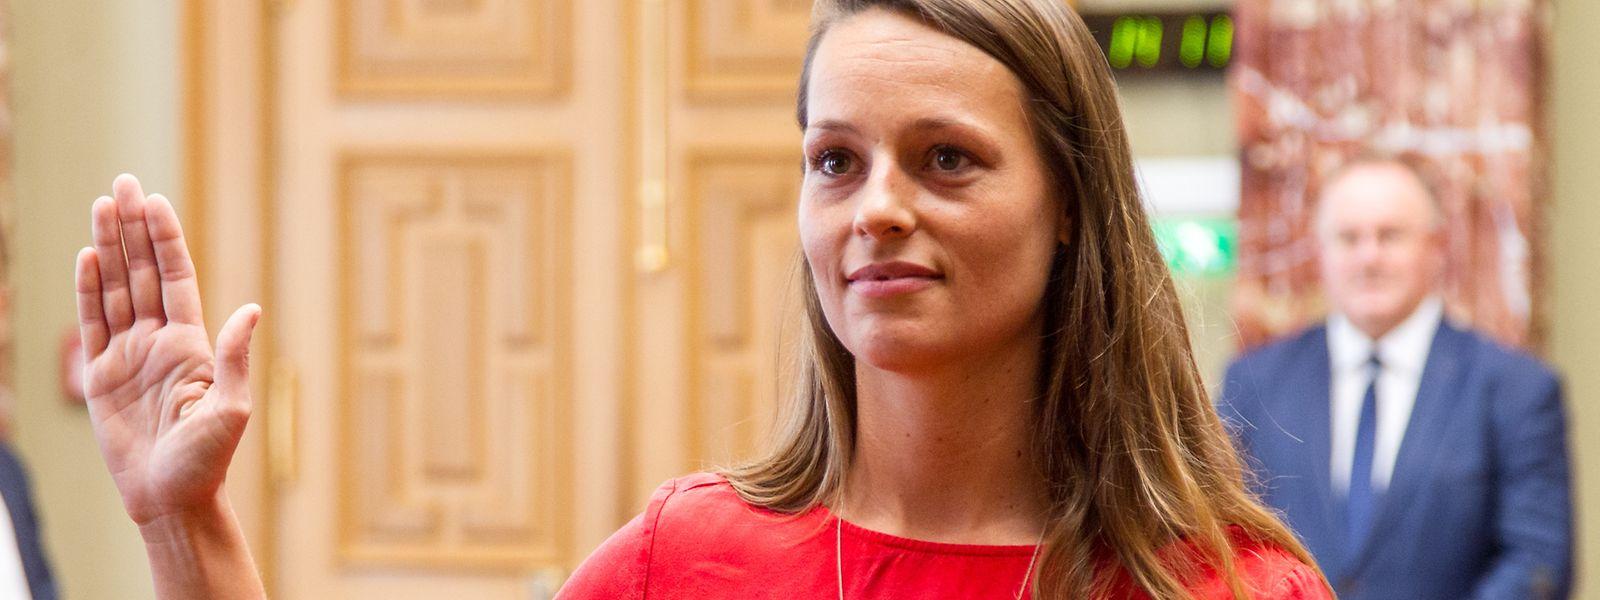 Chantal Gary bei ihrer Vereidigung in der Chamber.